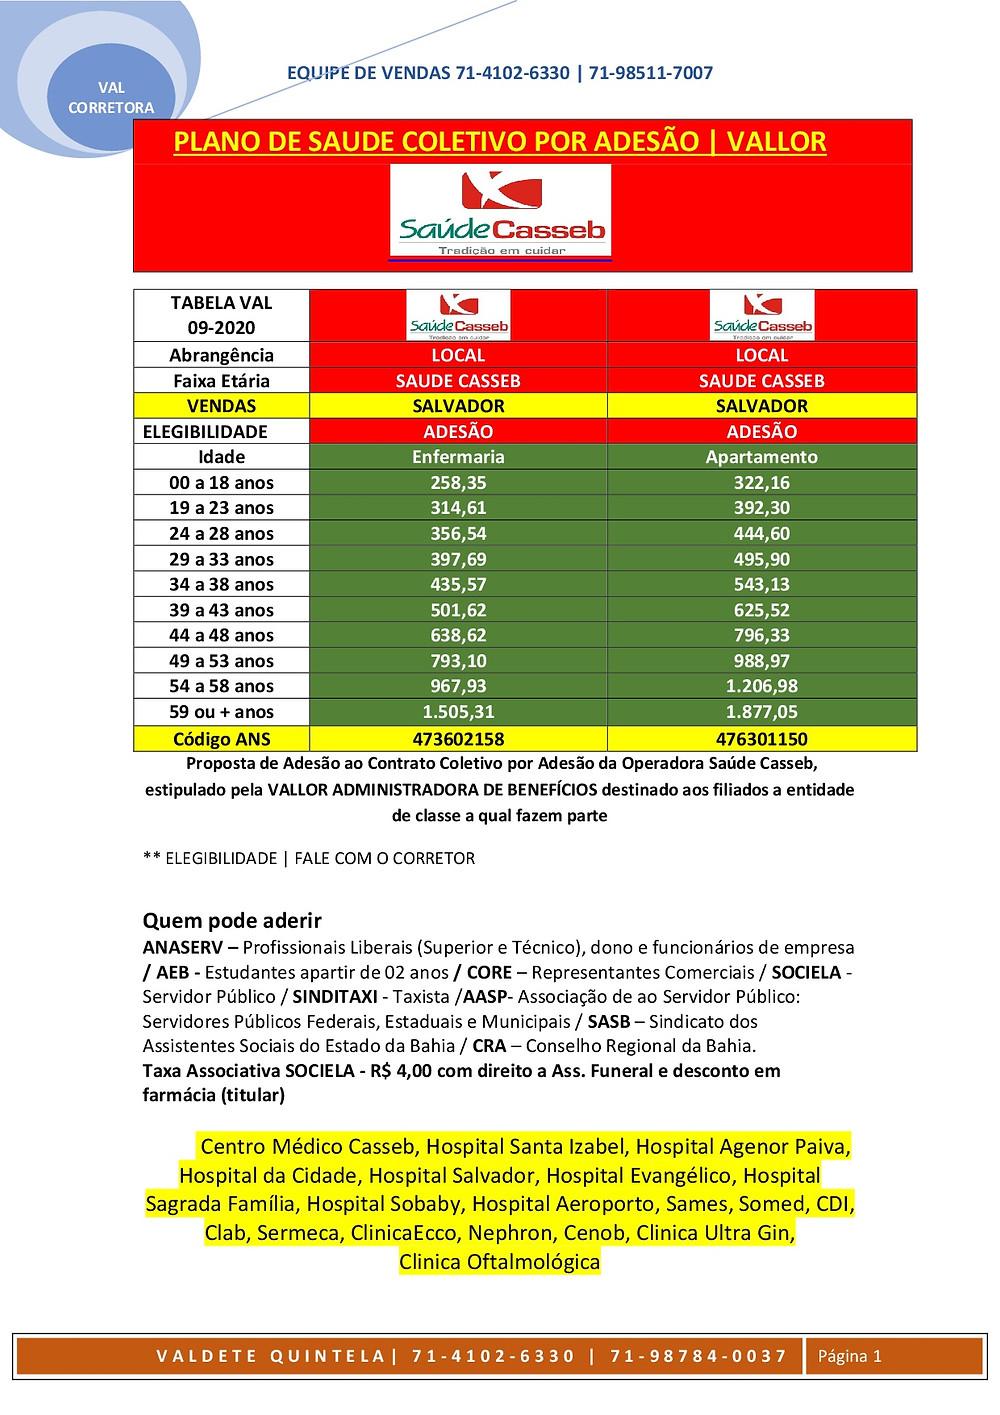 Tabelas de Preços | Os preços médios dos planos de saúde